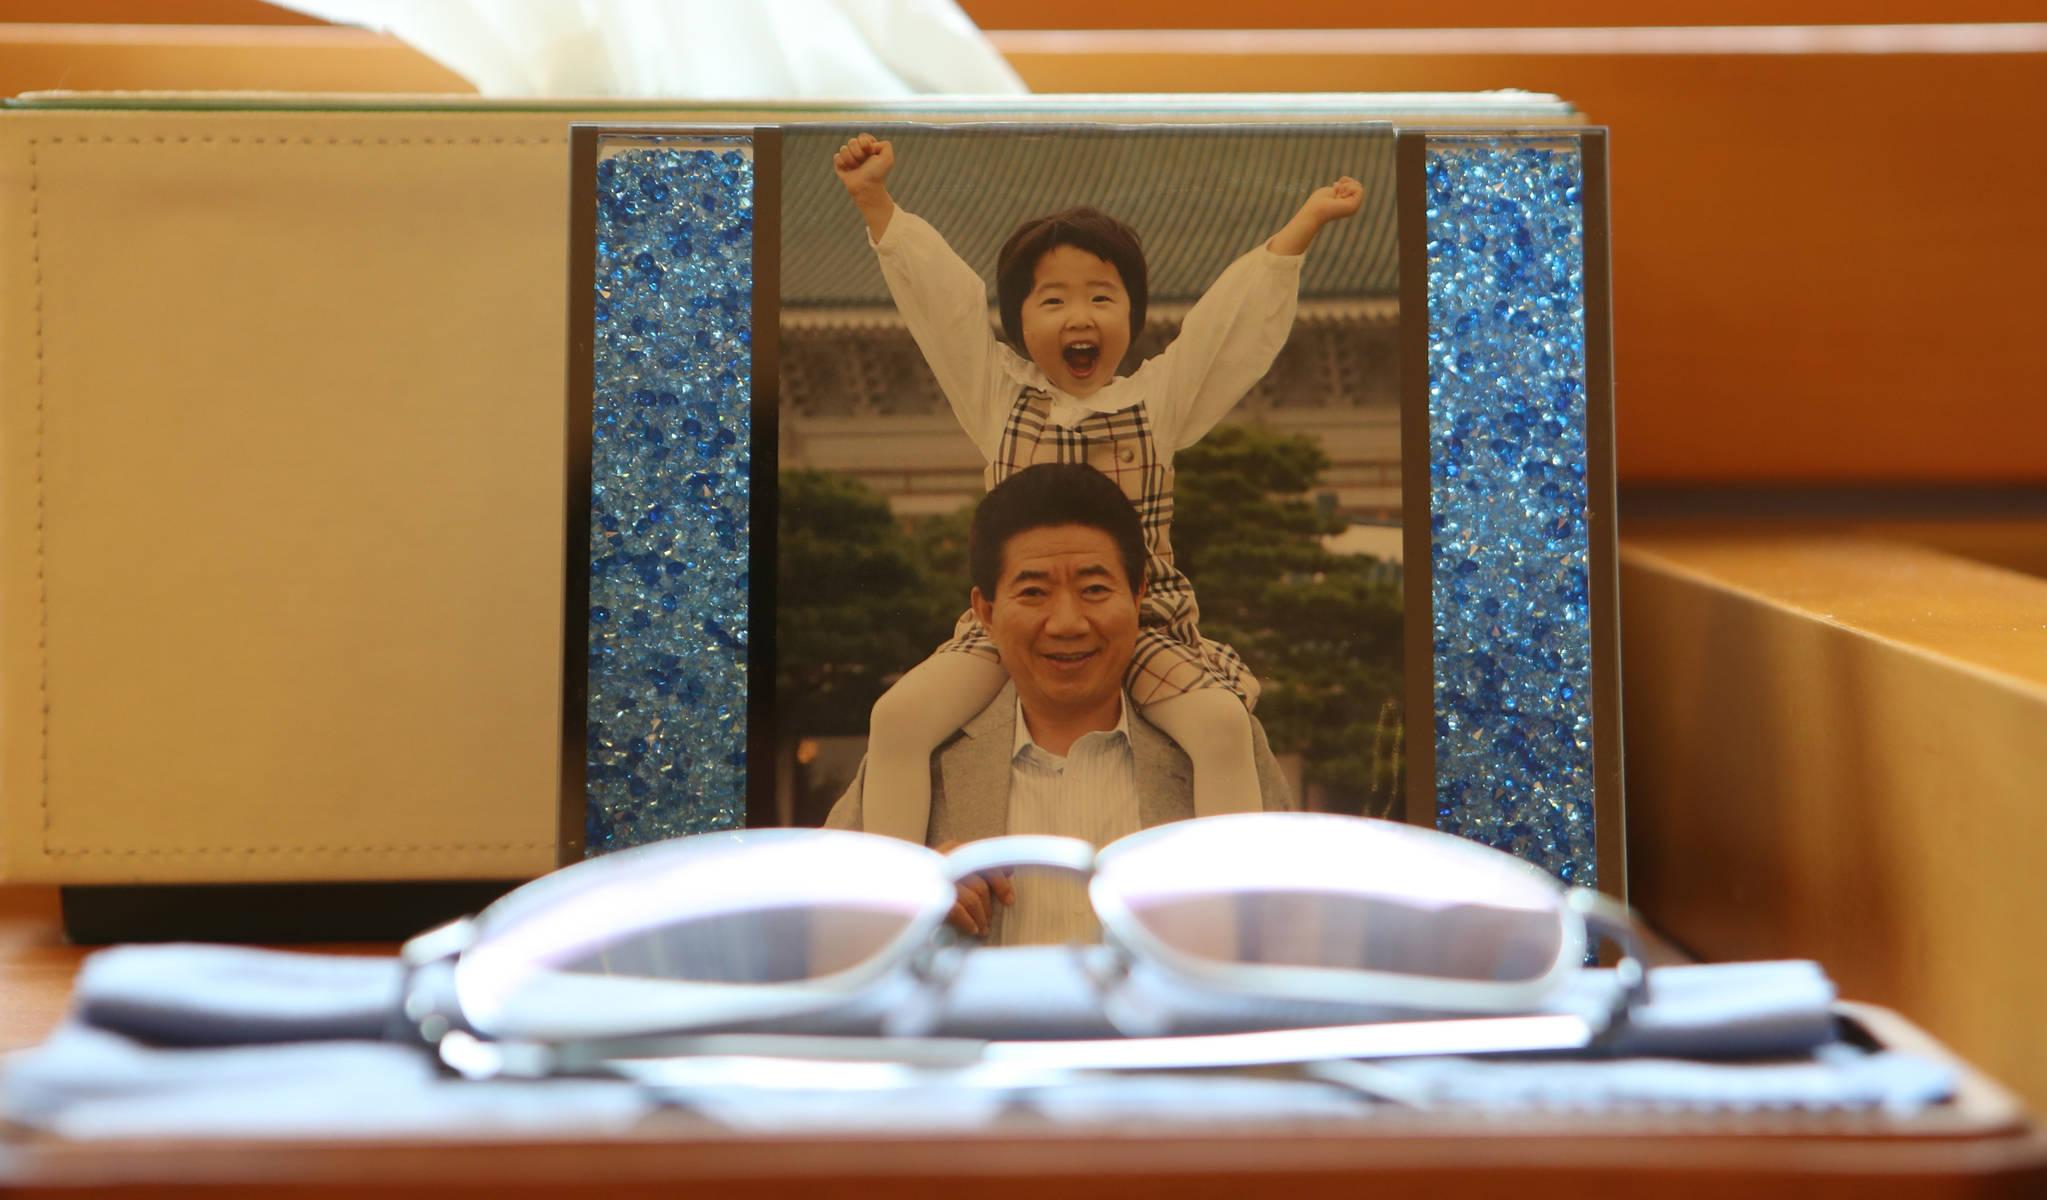 고 노무현 전 대통령이 소녀를 목마 태우고 촬영한 사진. 송봉근 기자